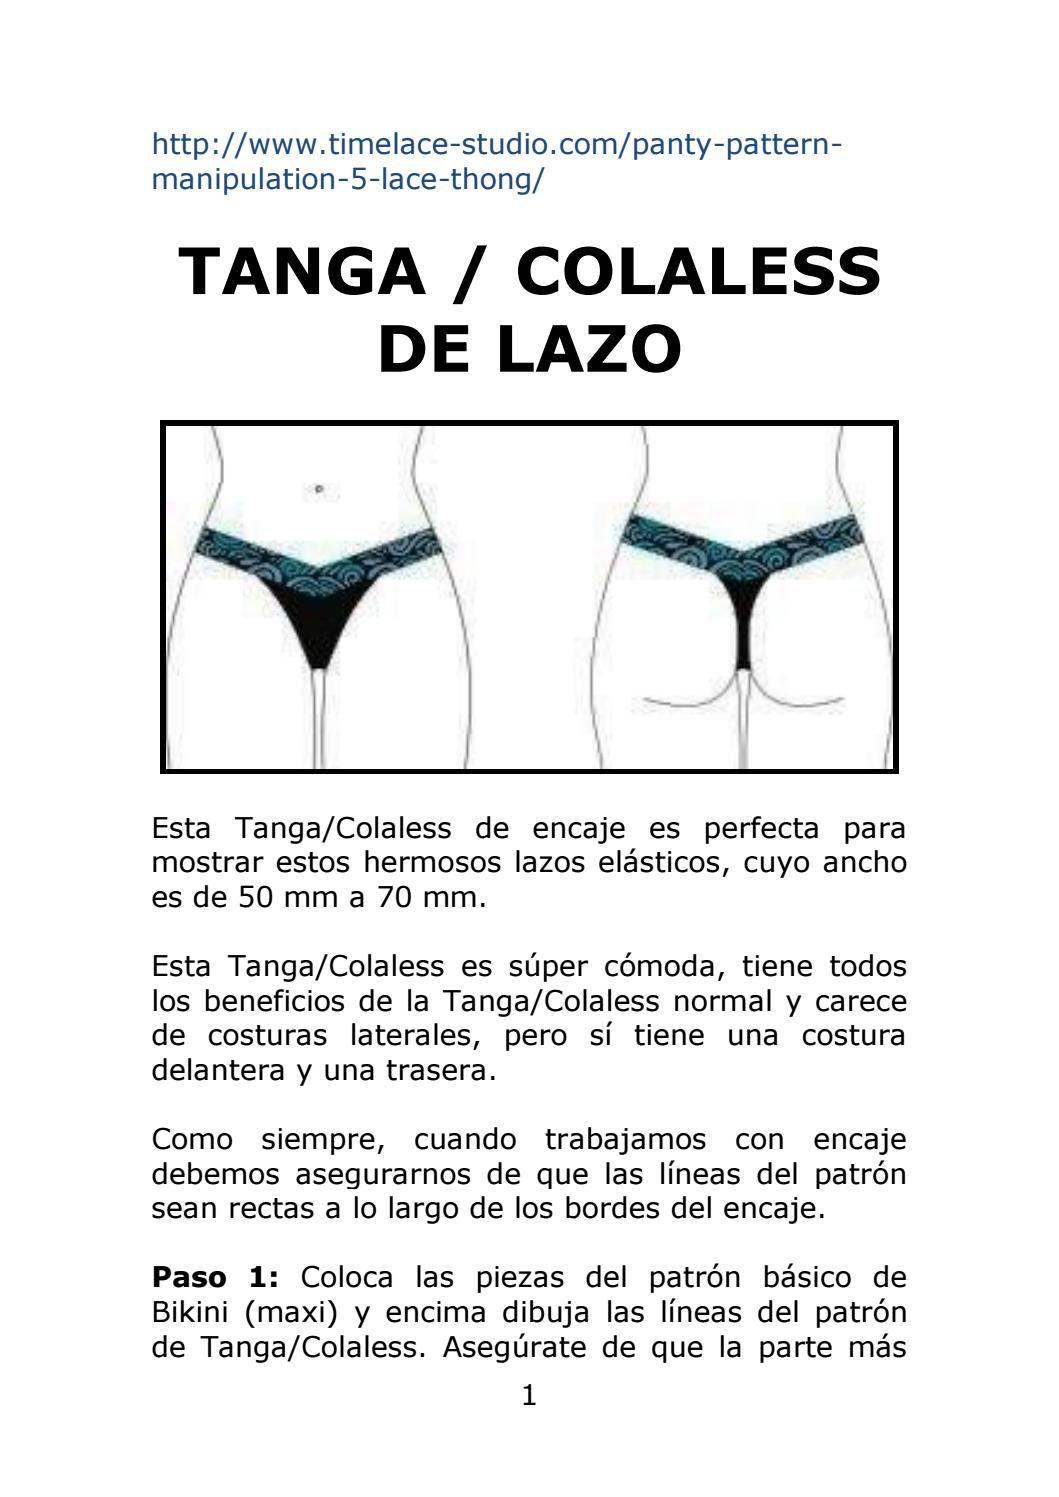 eec2af367 Tanga o Colaless de Lazo   pantys   Costura de moda, Trajes de baño ...